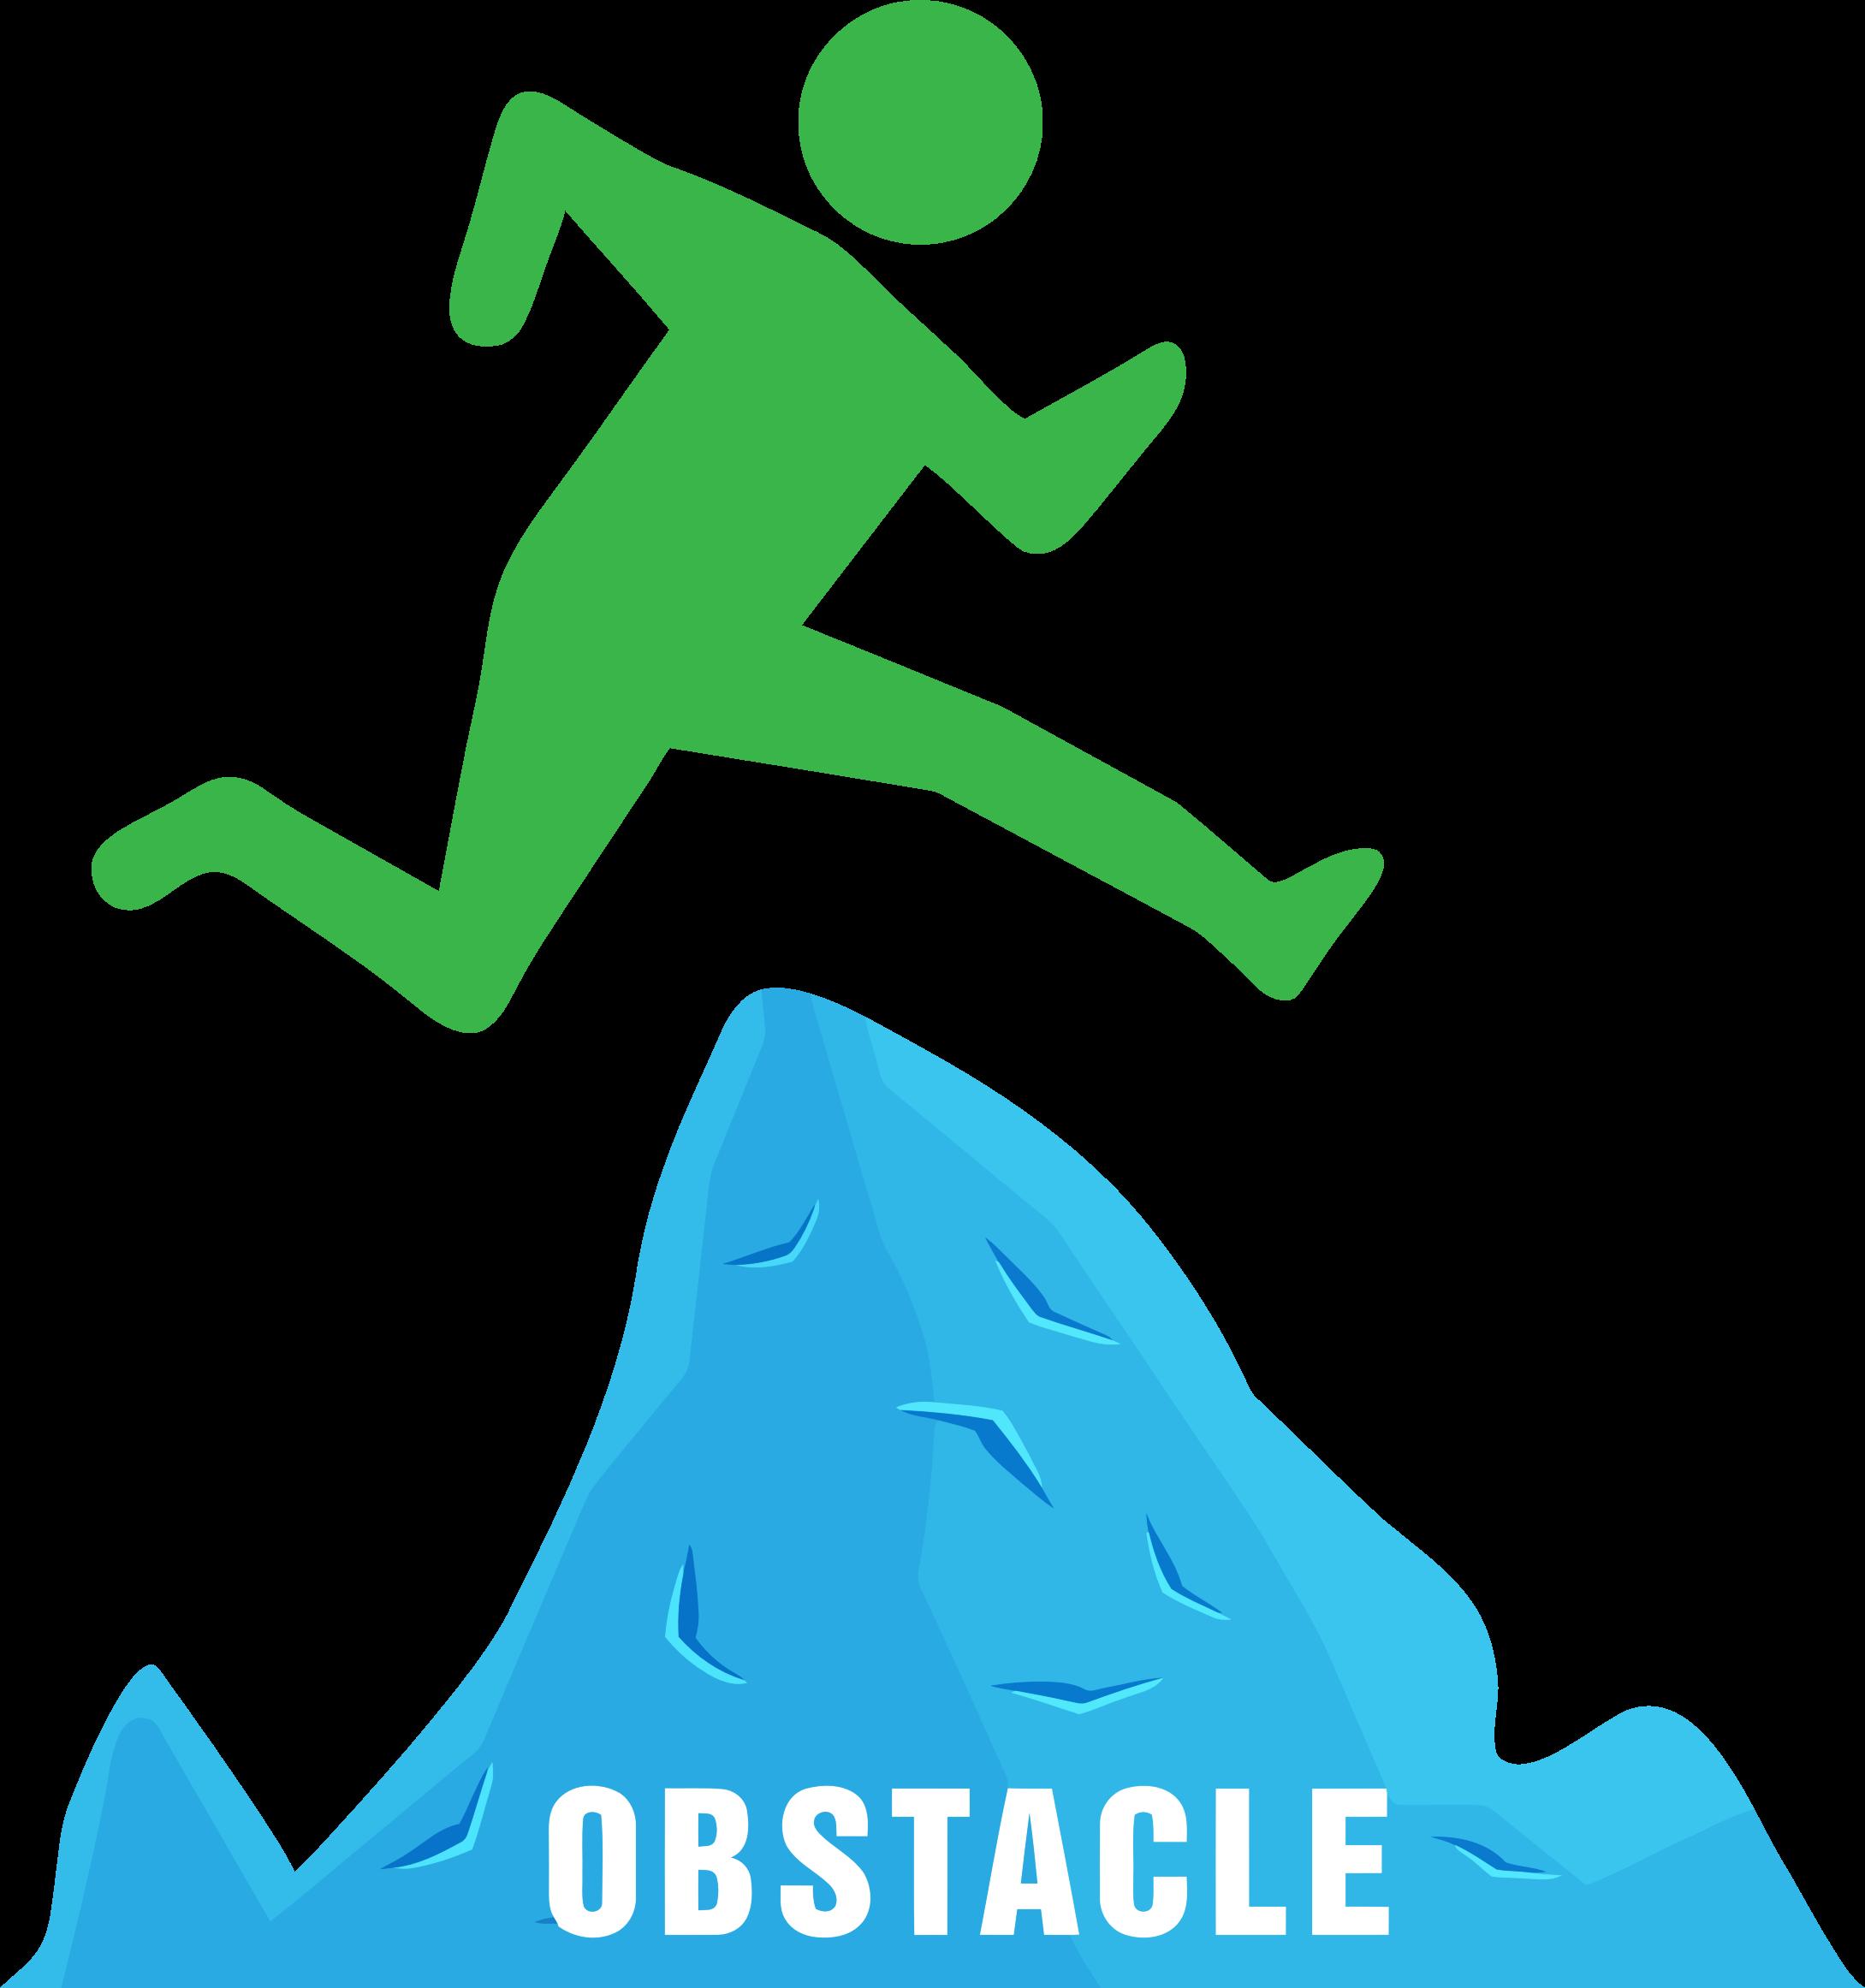 Achievement big image png. Goals clipart acheivement